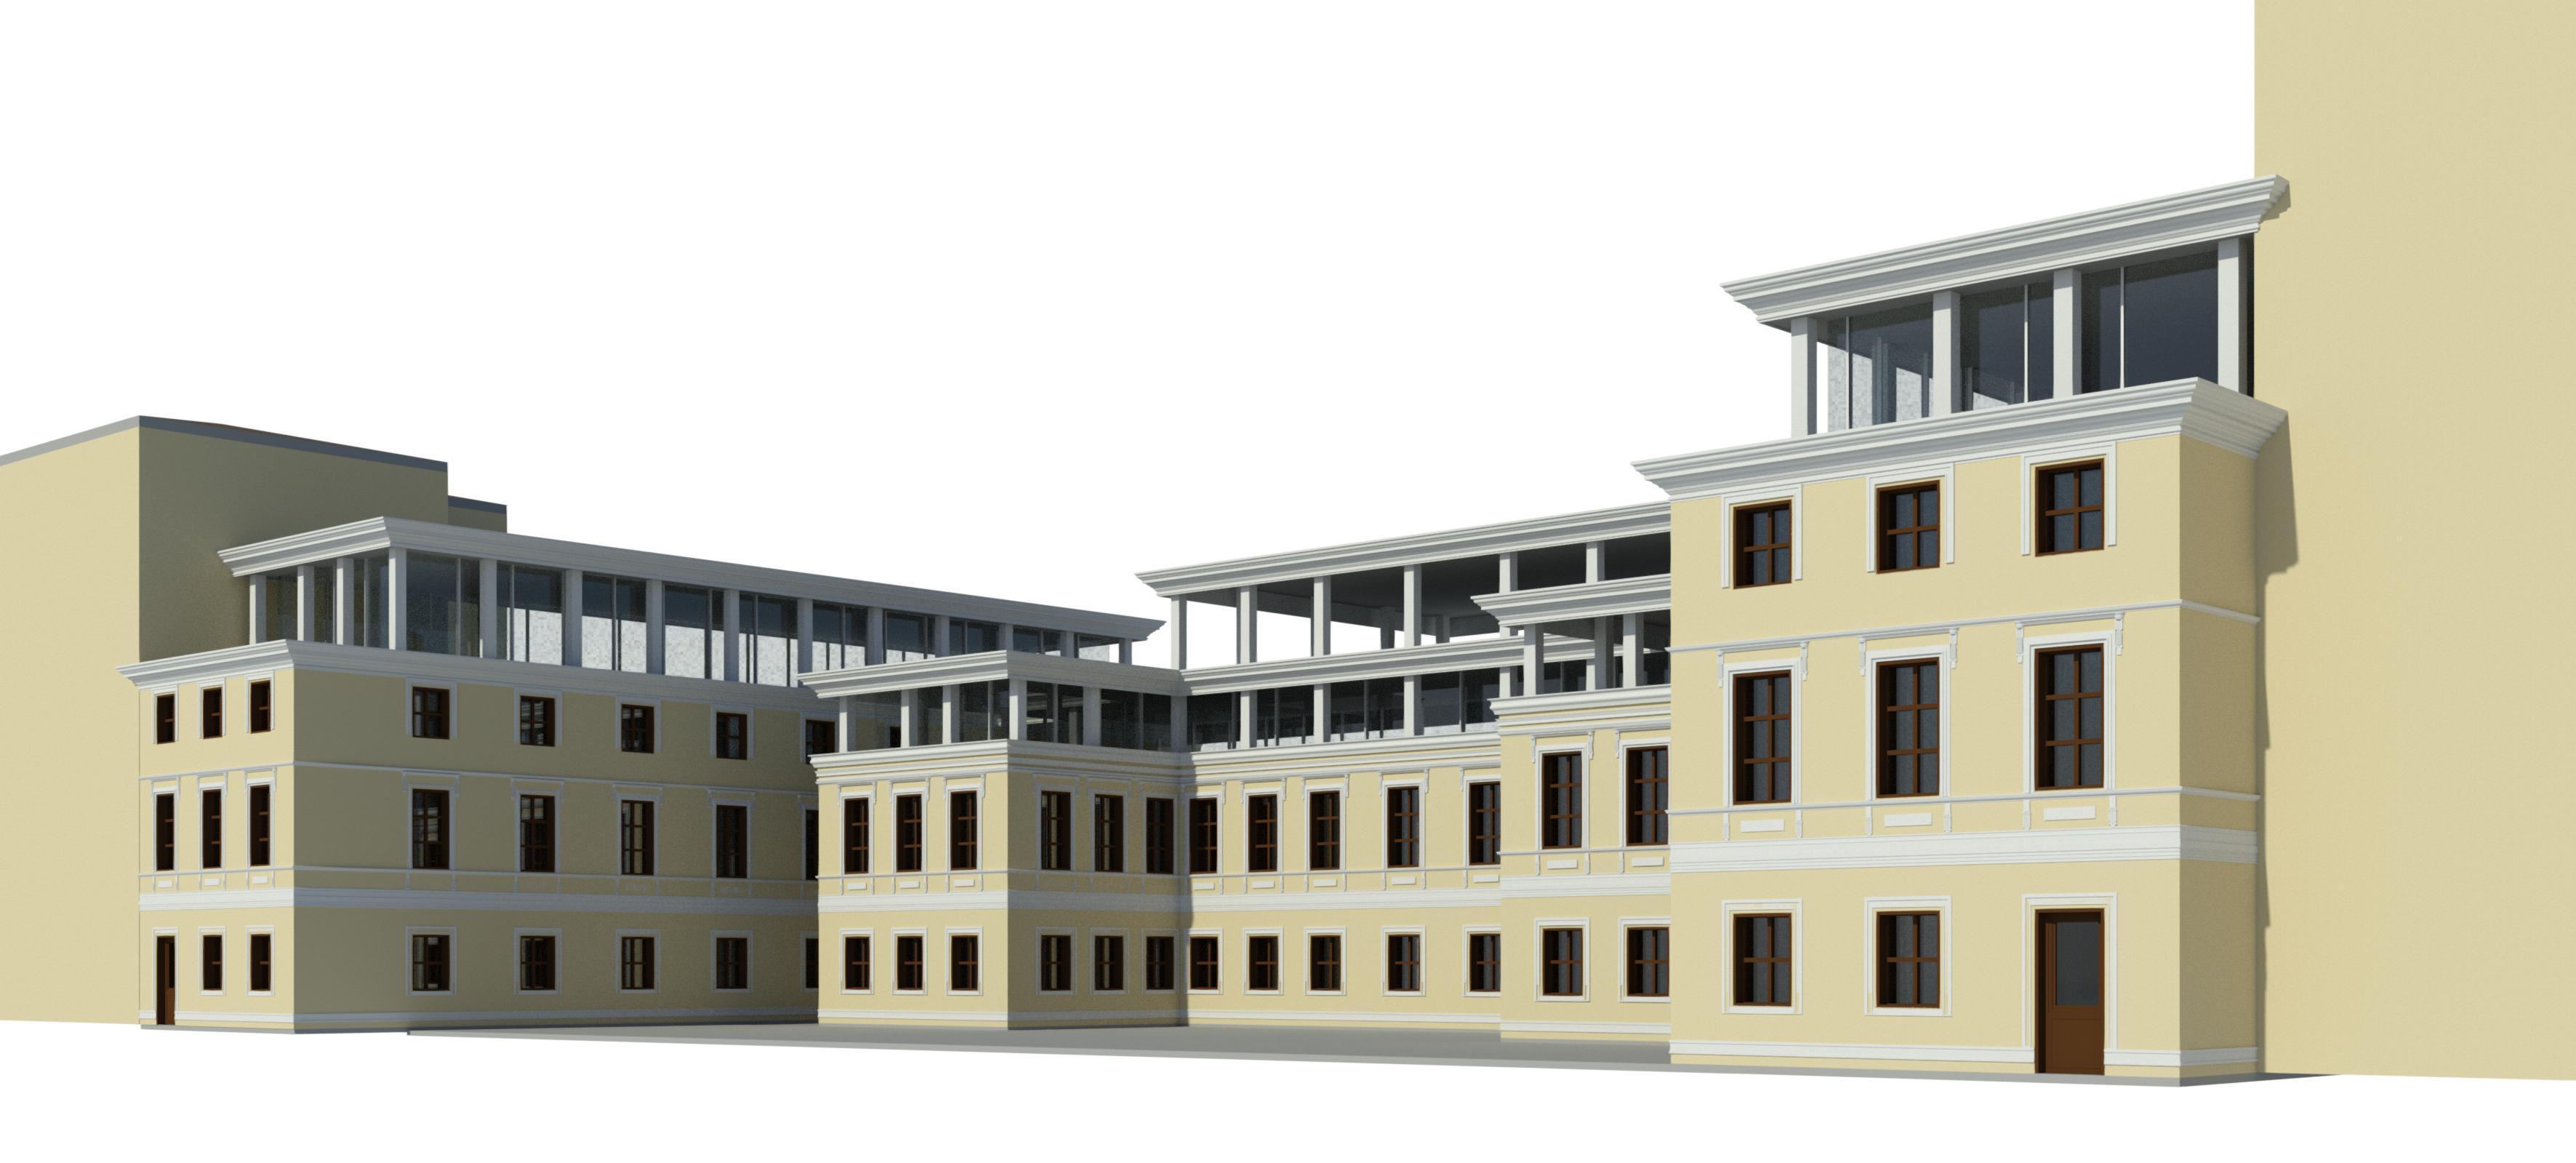 Концепция достройки фасада исторического здания фото f_1355c0a1ccf88d85.jpg